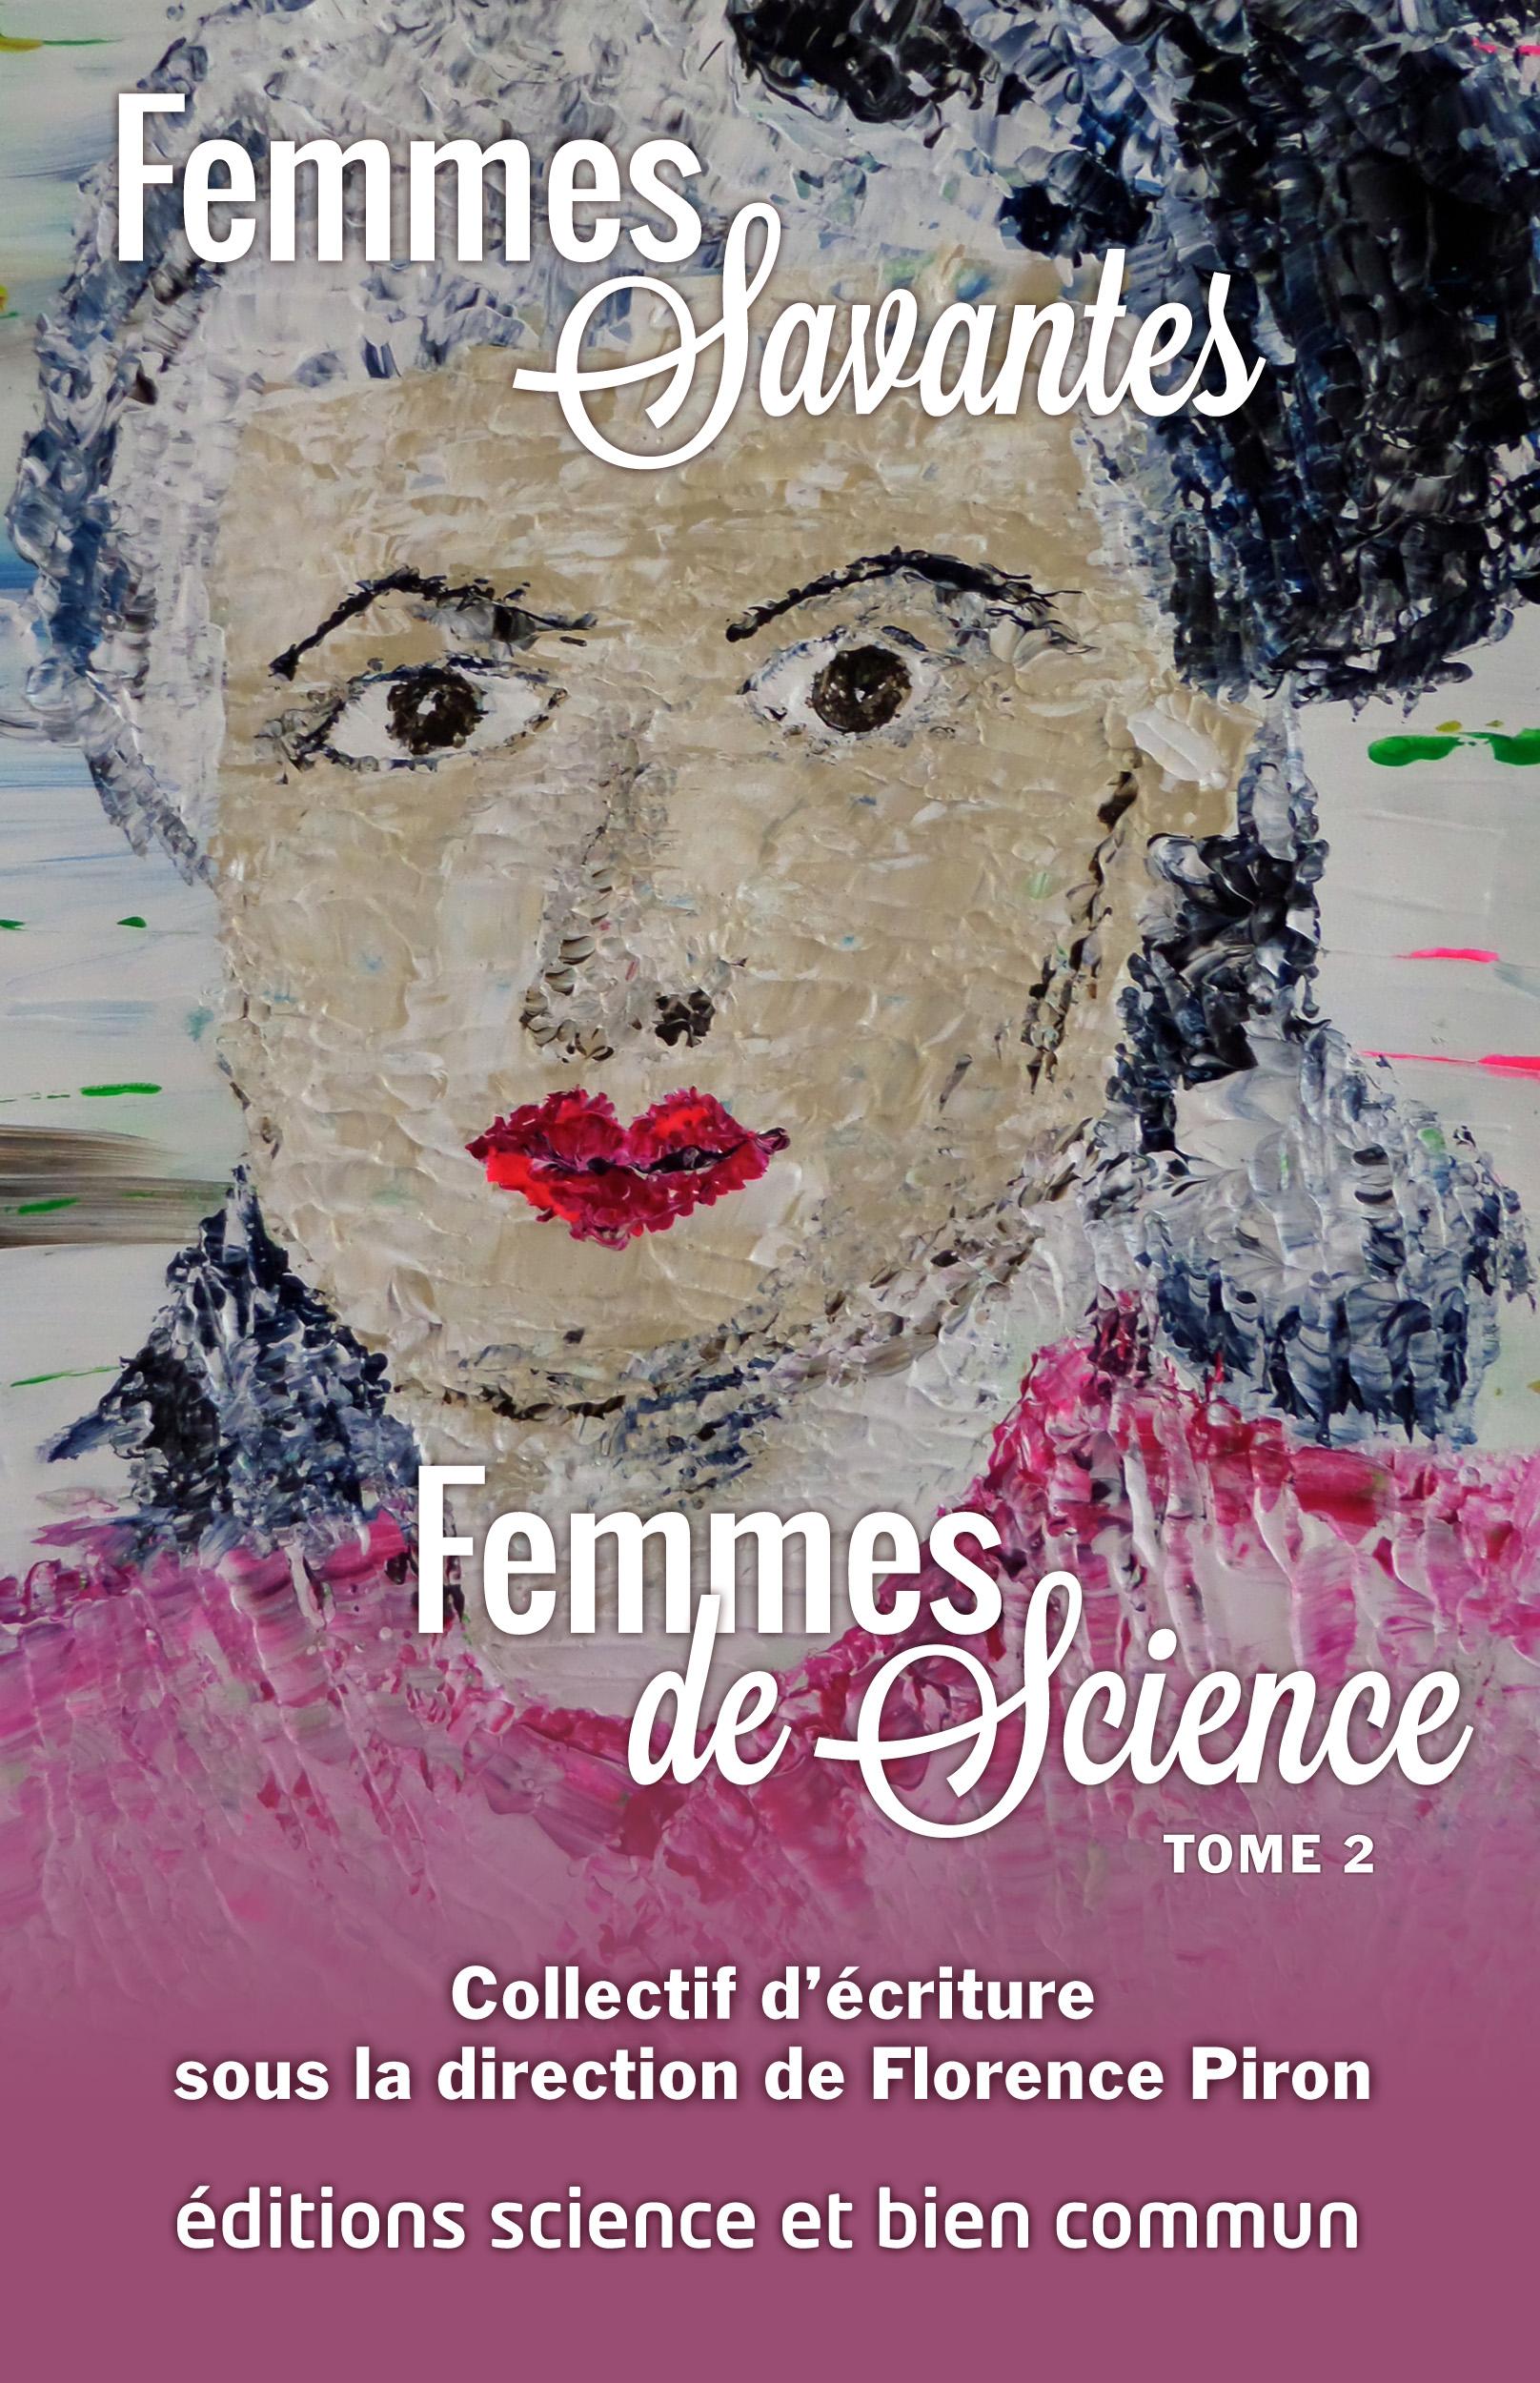 Femmes de Science Tome 2